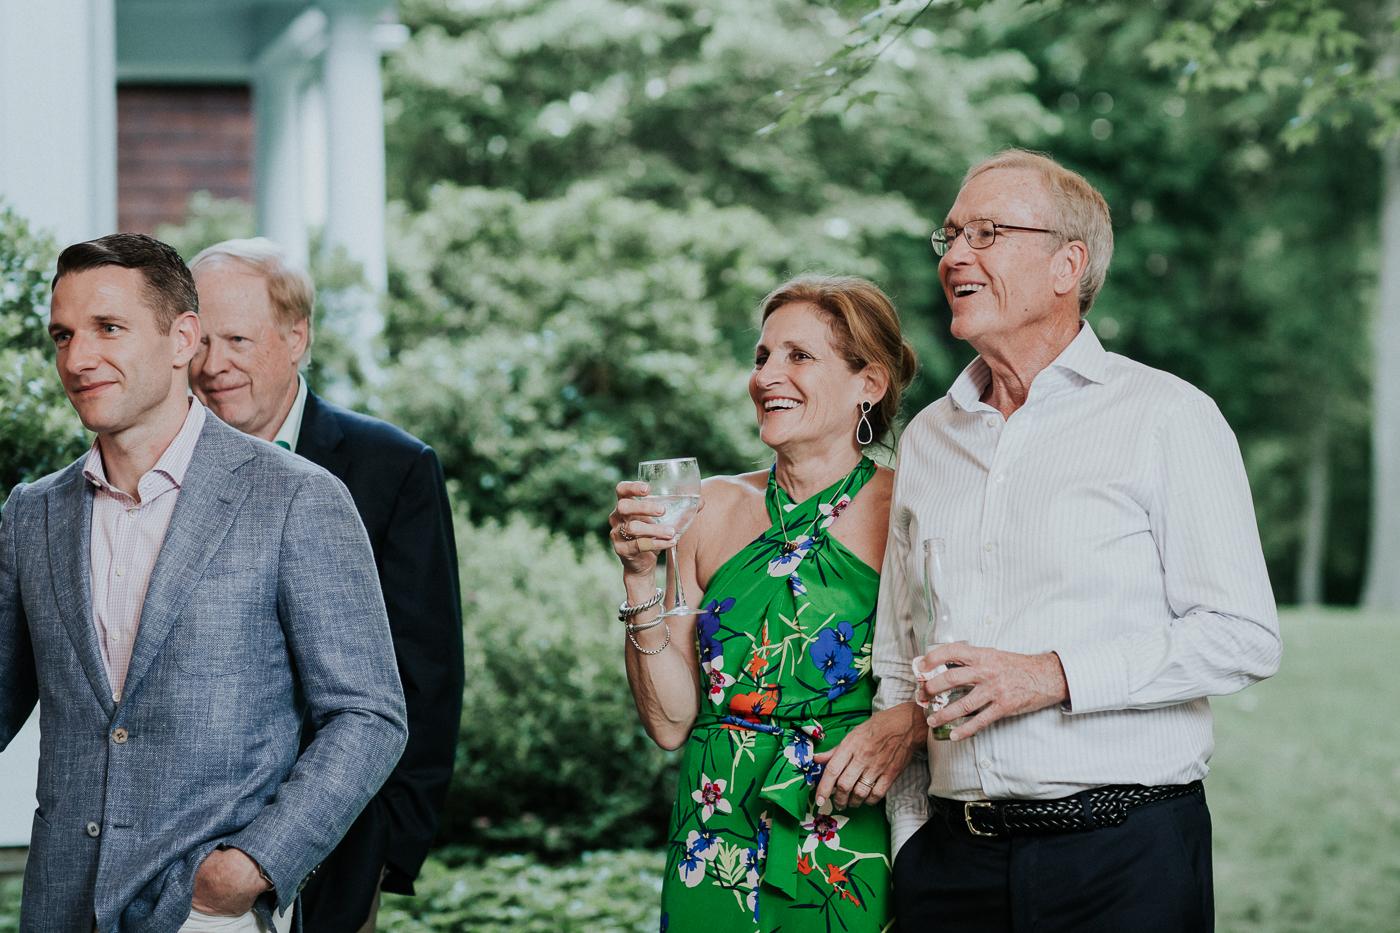 Westchester-New-York-Intimate-Backyard-Garden-Documentary-Wedding-Photographer-26.jpg